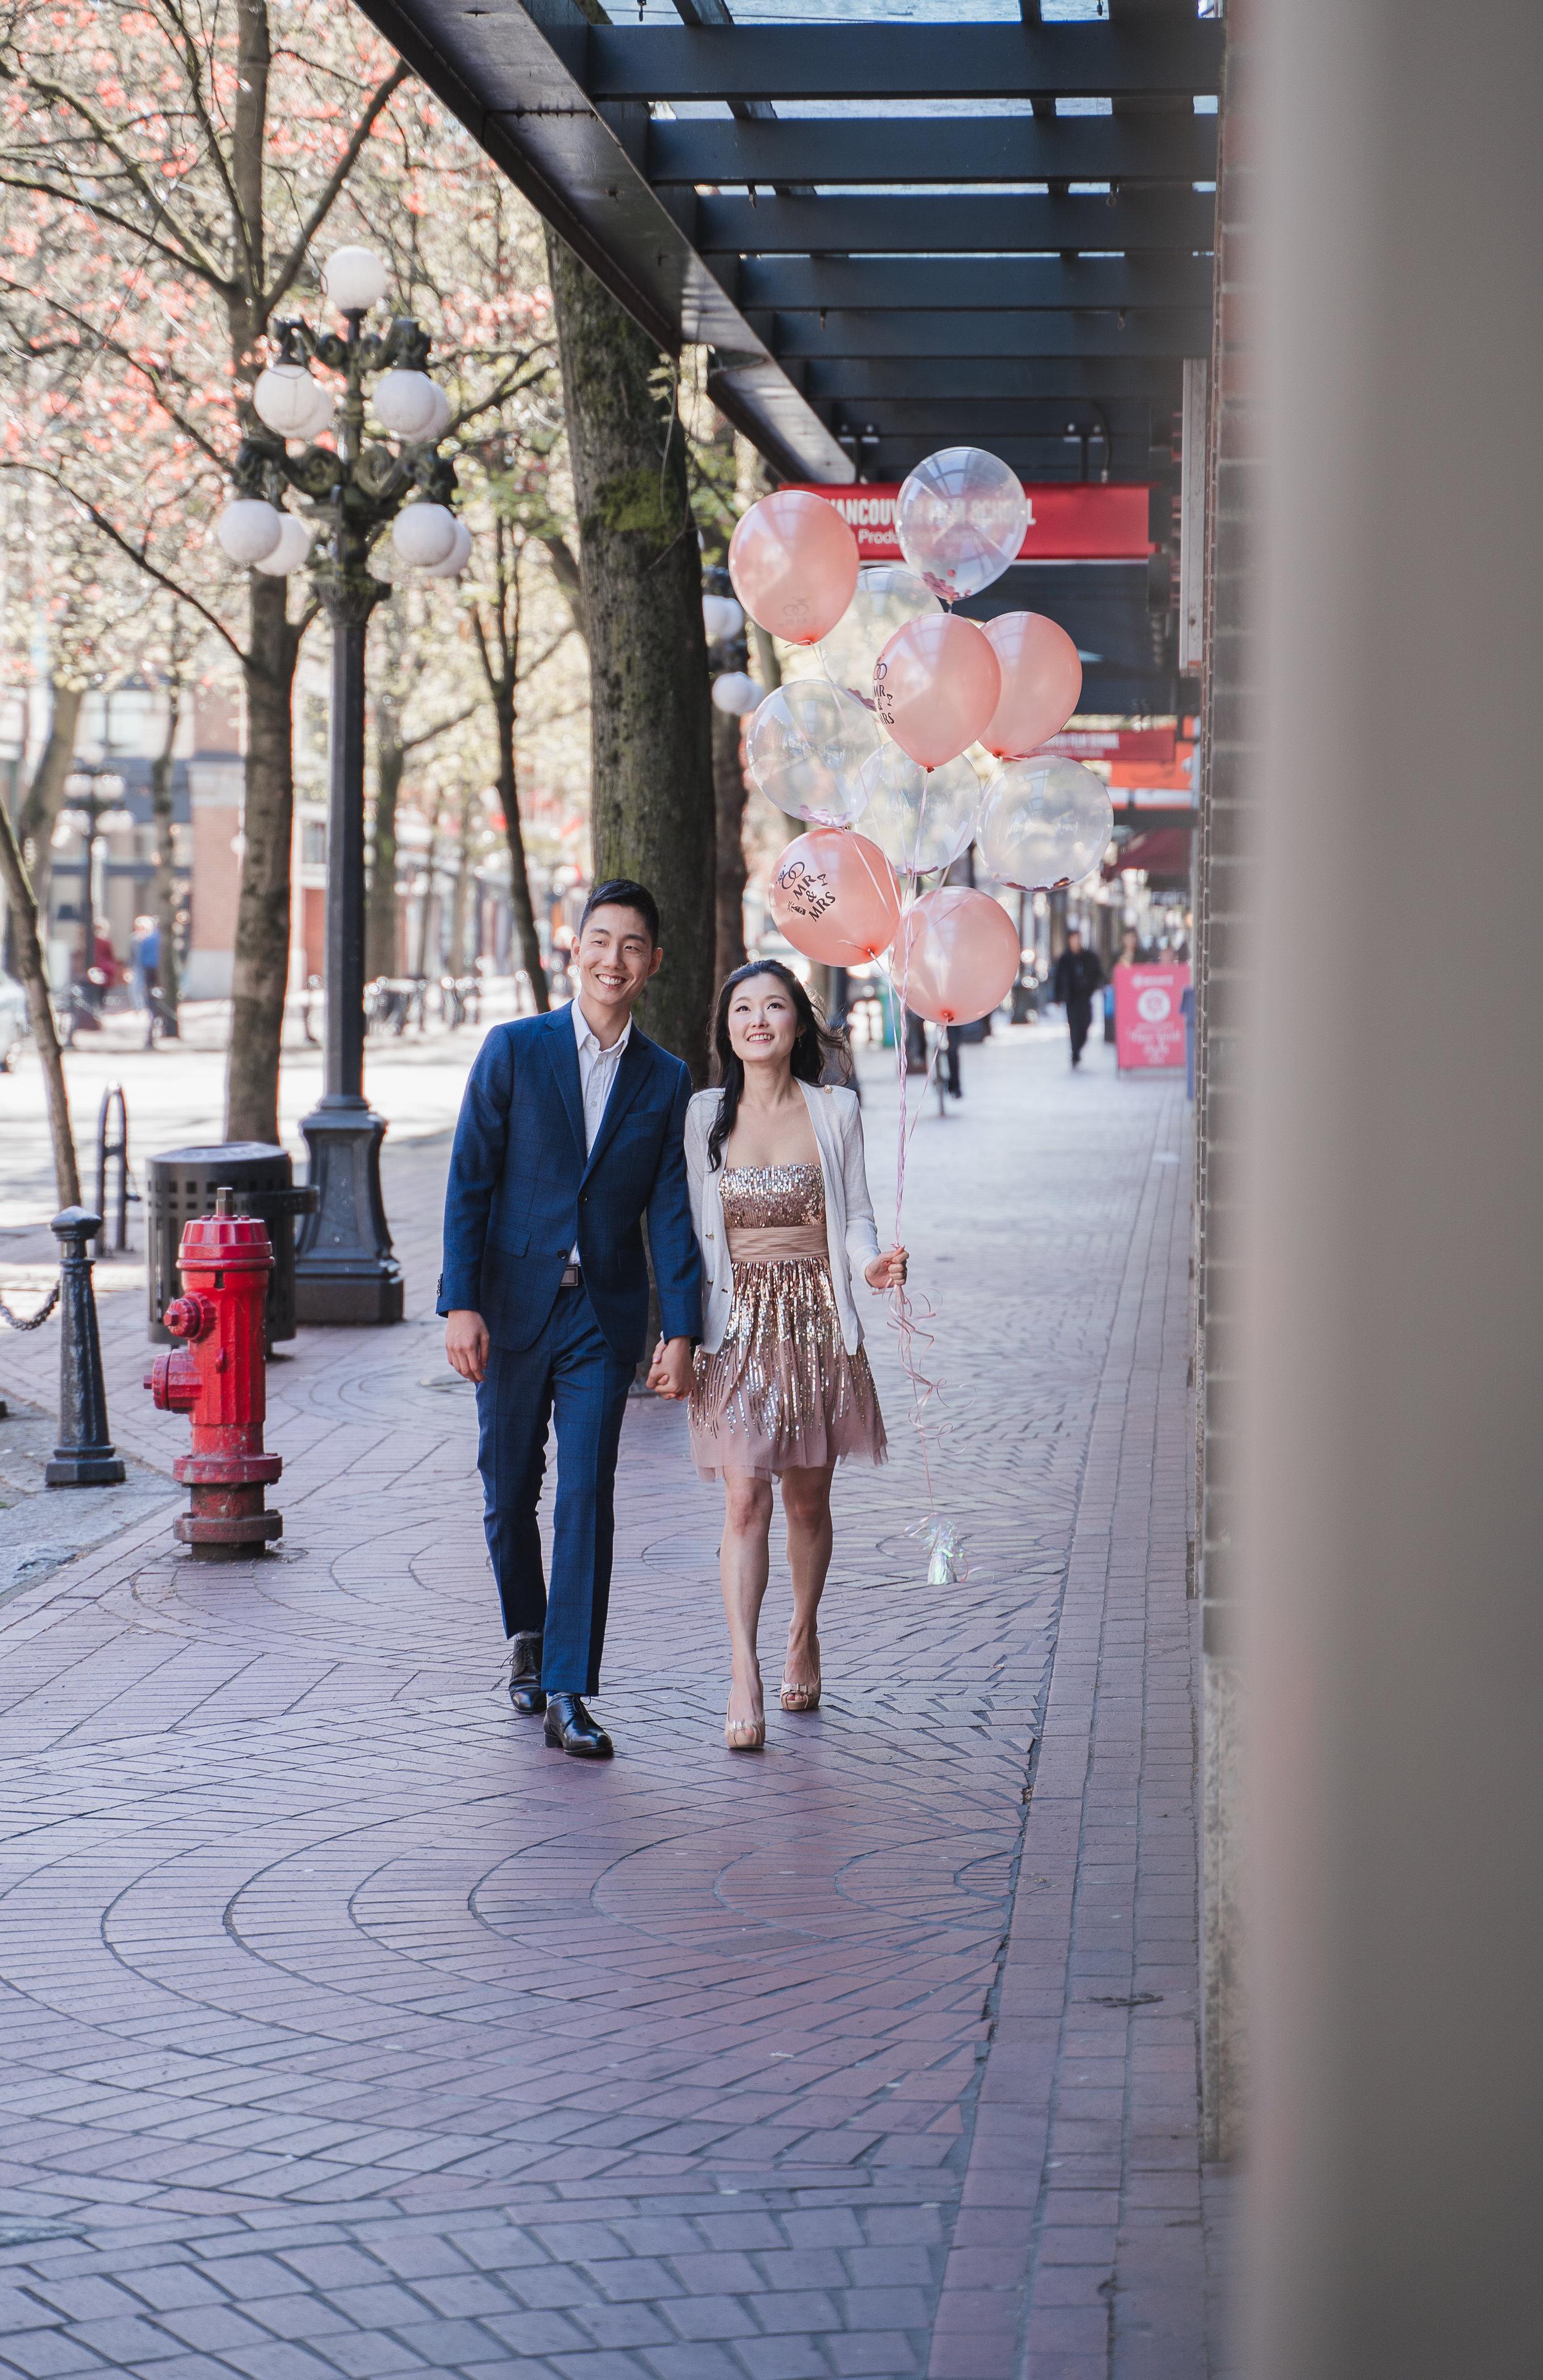 20190428 - Rachel & Brandon Engagement - 0005.jpg